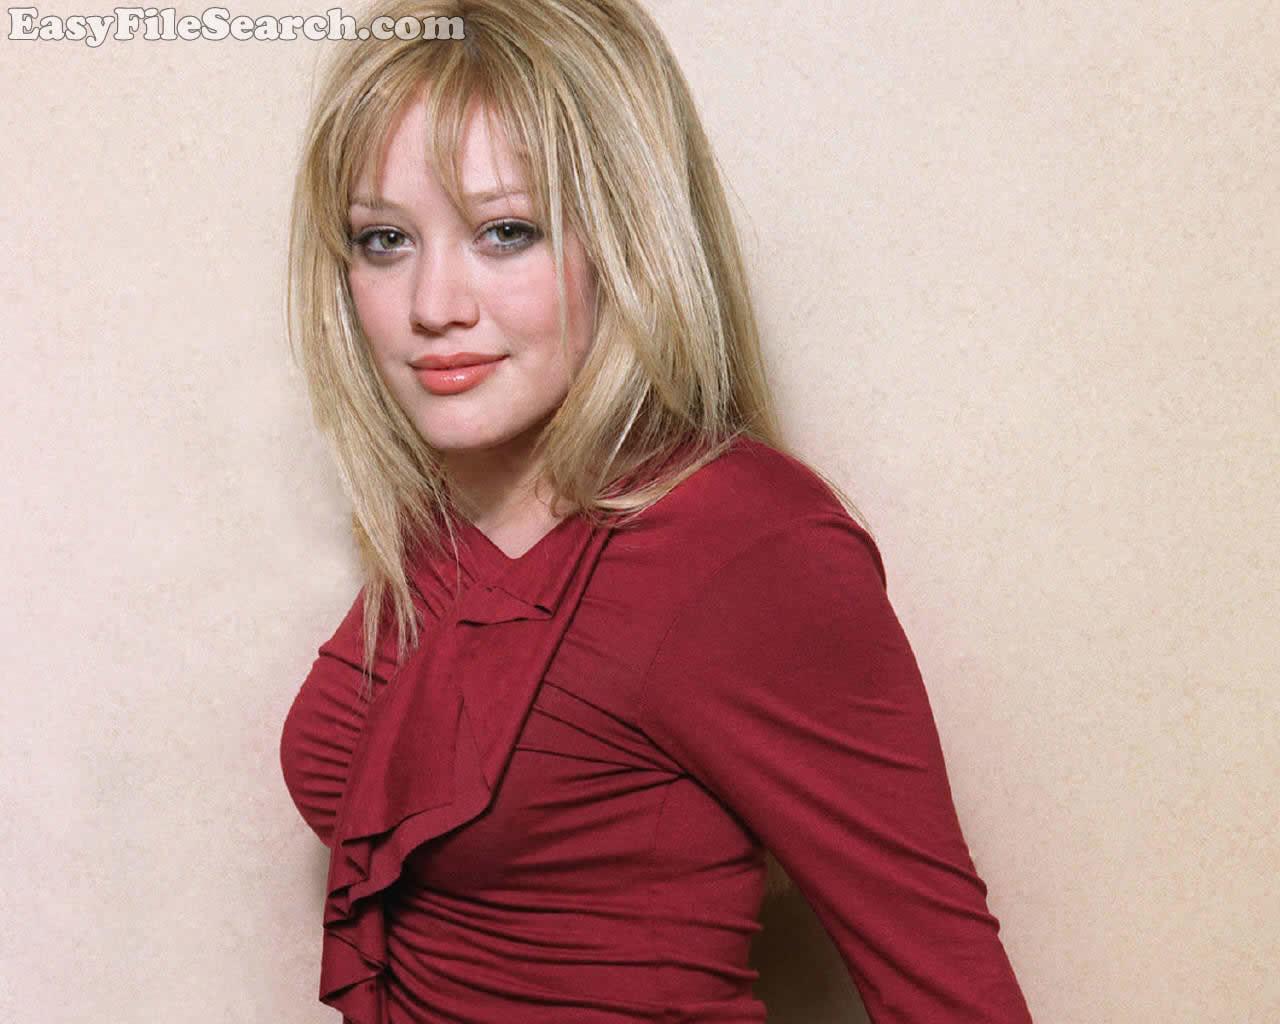 http://2.bp.blogspot.com/-mUxcOCyNRI8/ToW2uec7lJI/AAAAAAAABdI/KFZ3E7eb1Zg/s1600/Hilary+D+%252893%2529.jpg